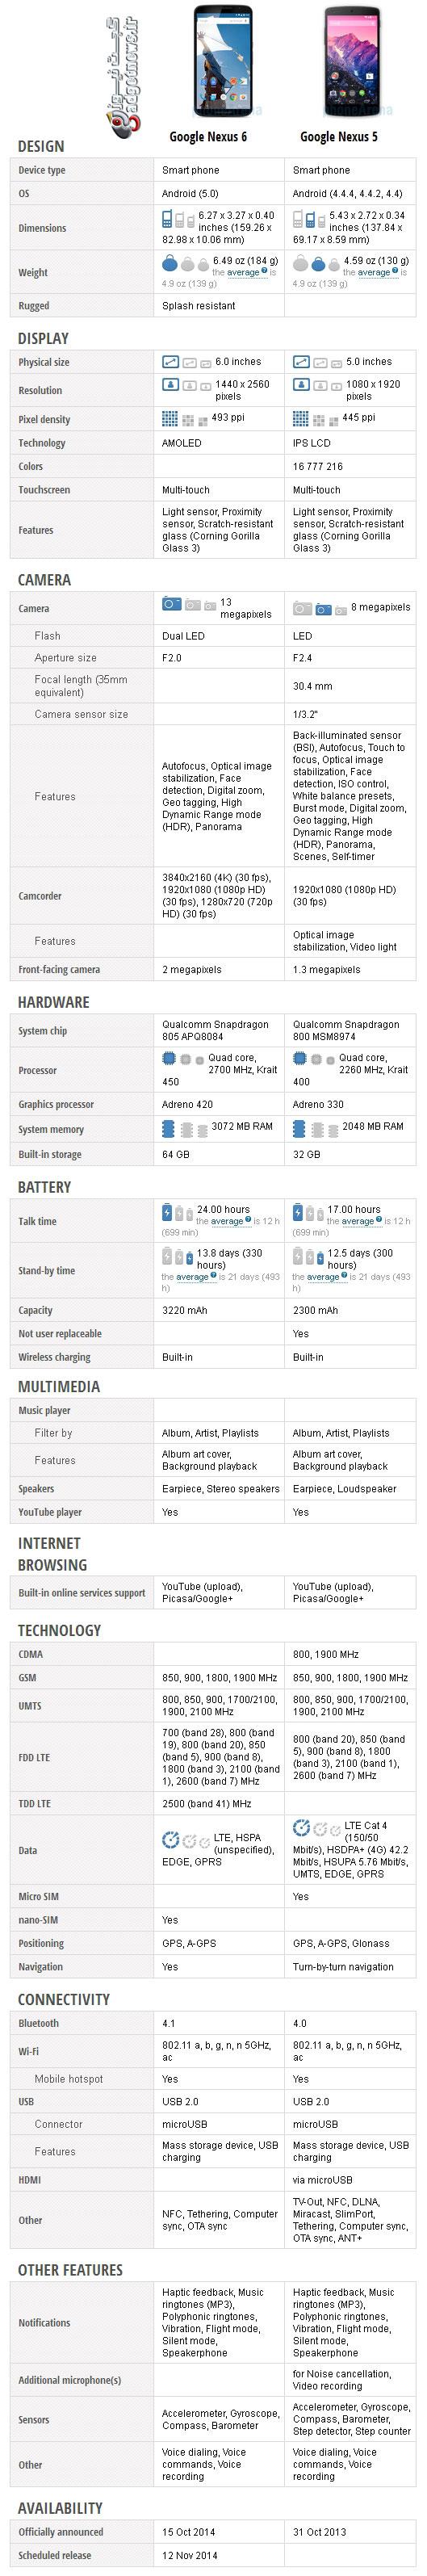 Nexus-6-vs-Nexus-5-19